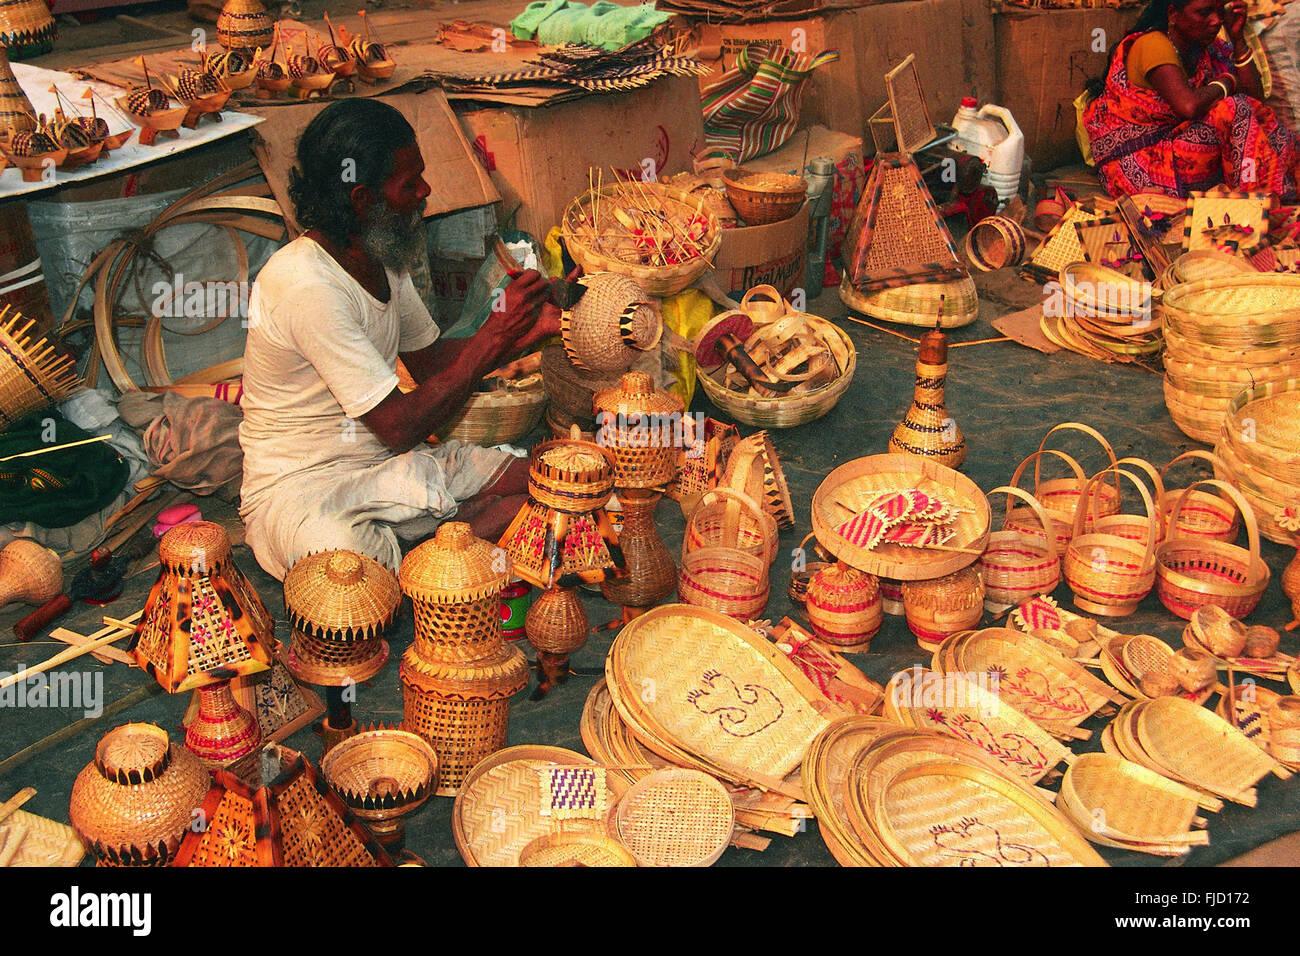 Bamboo Handicrafts India Stock Photos Bamboo Handicrafts India